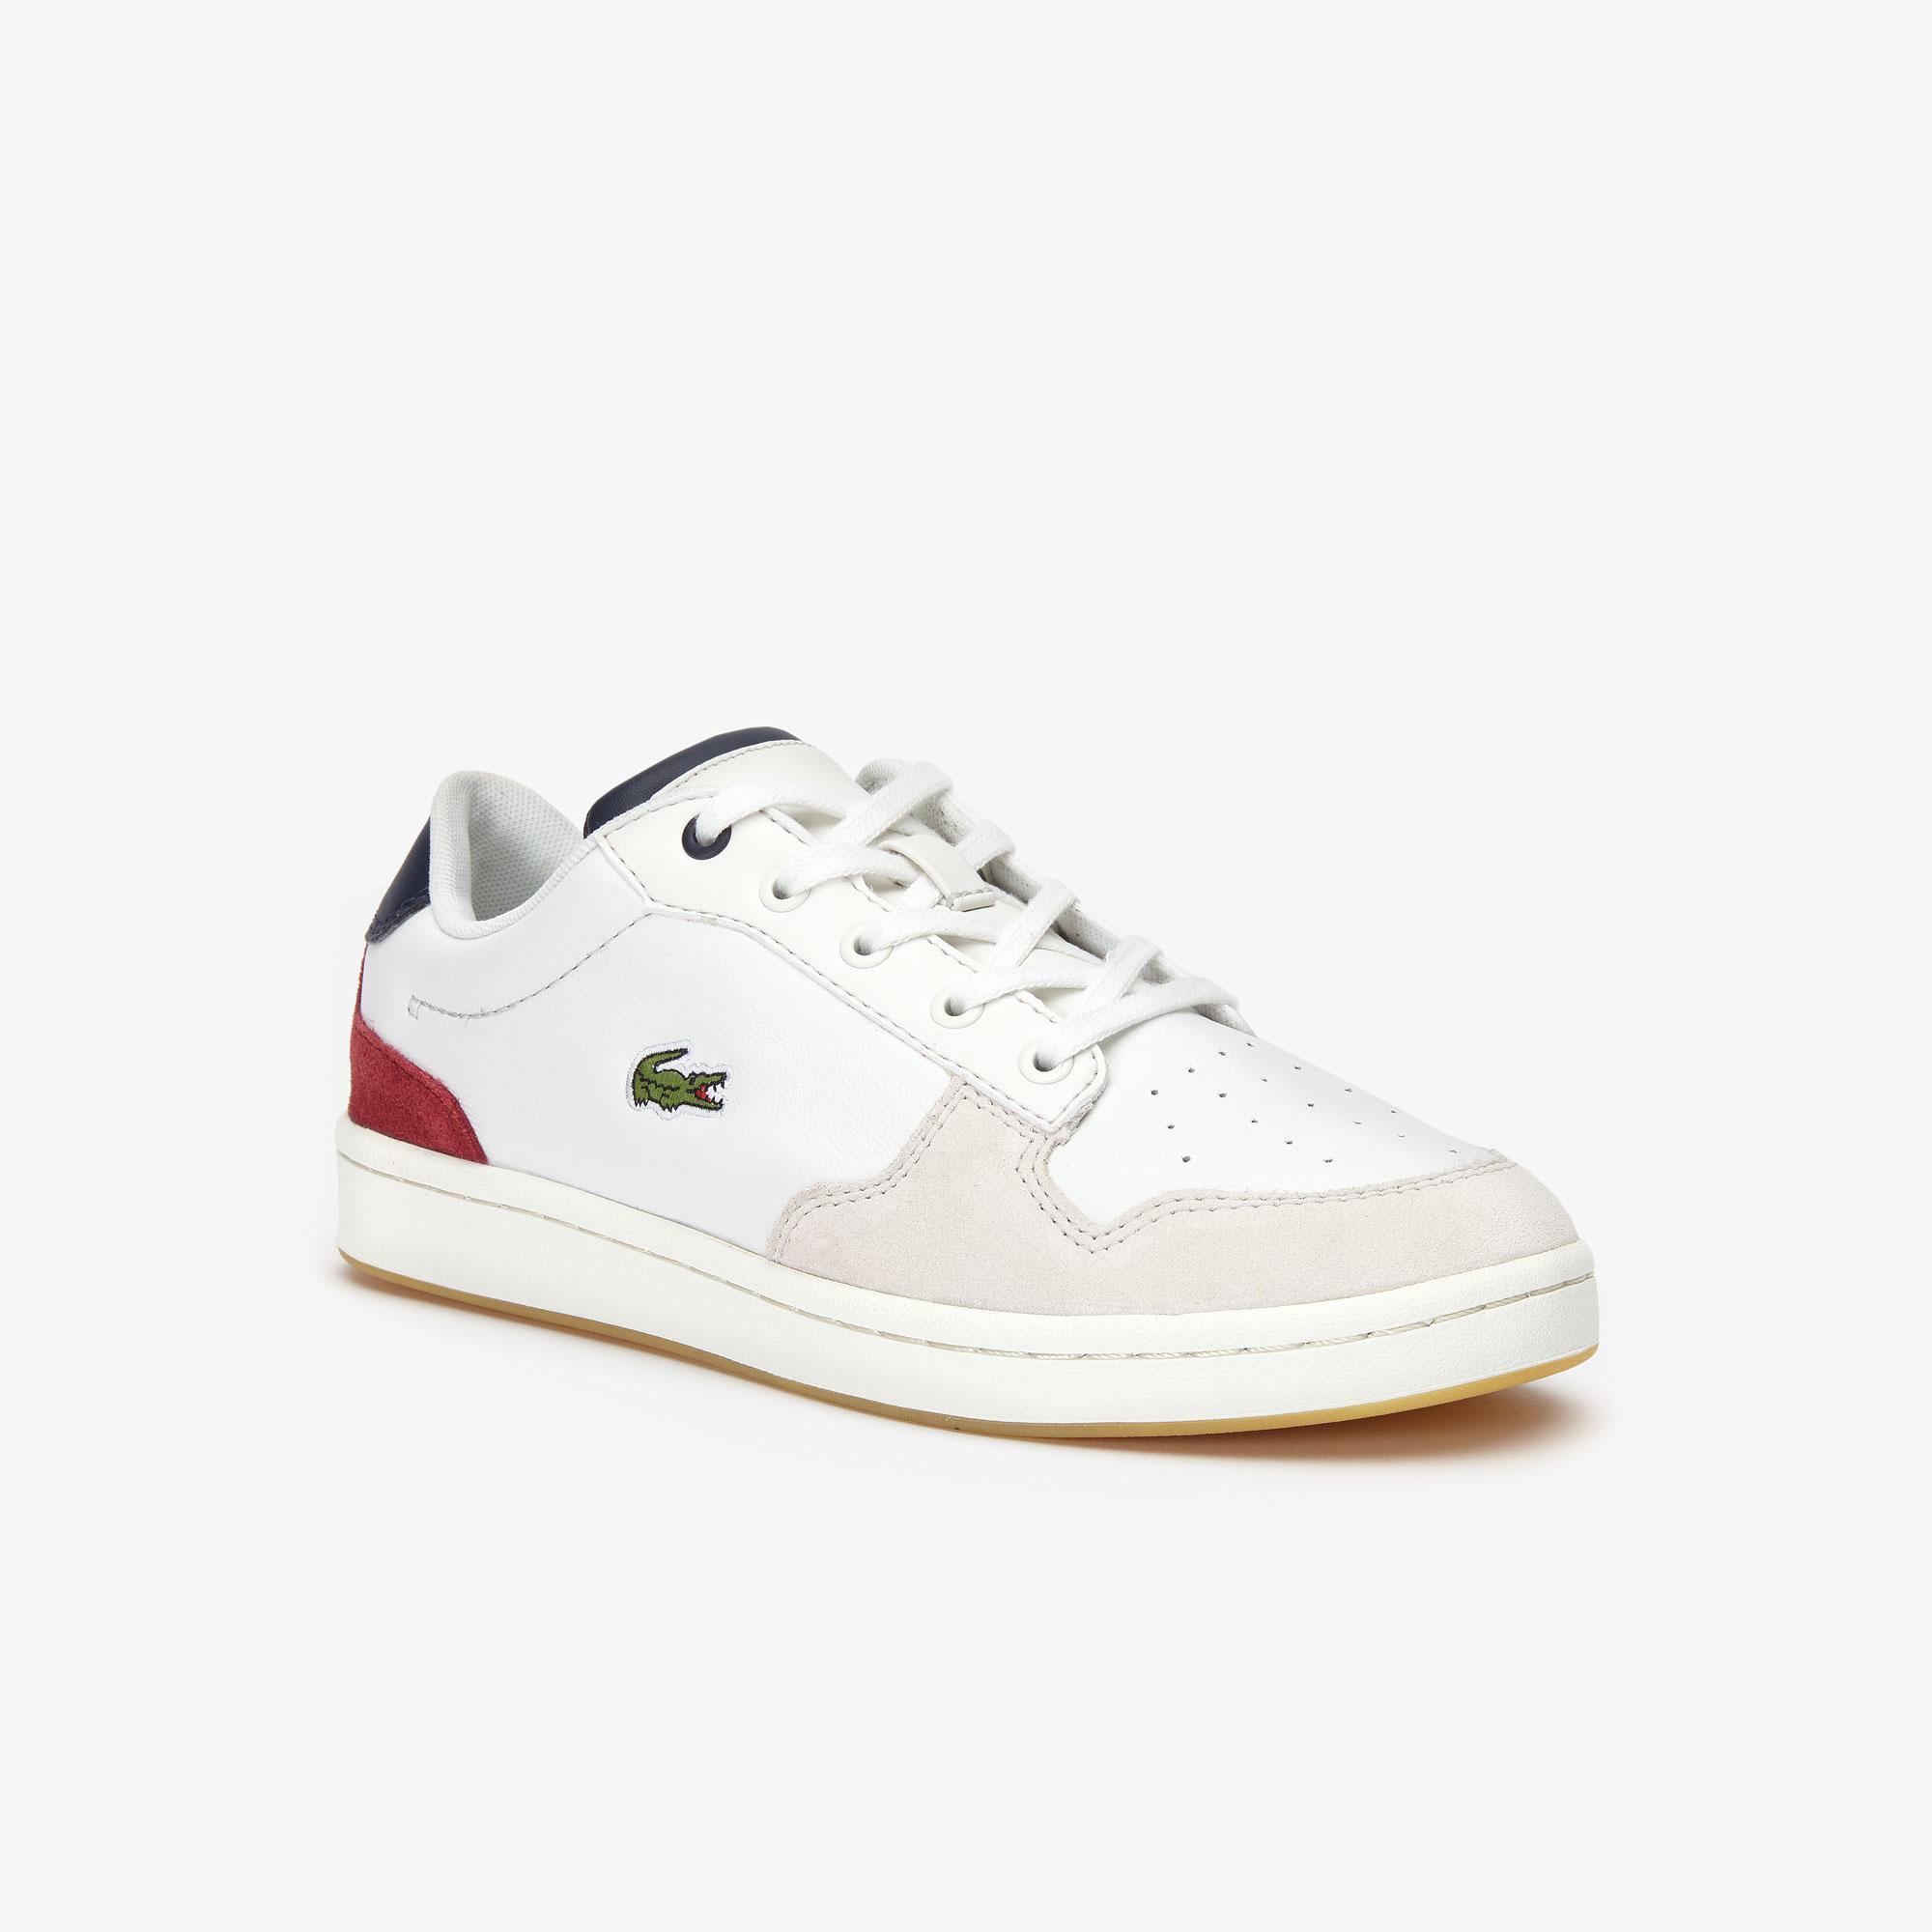 Lacoste Masters Cup 319 2 Sfa Kadın Bej - Lacivert - Koyu Kırmızı Sneaker